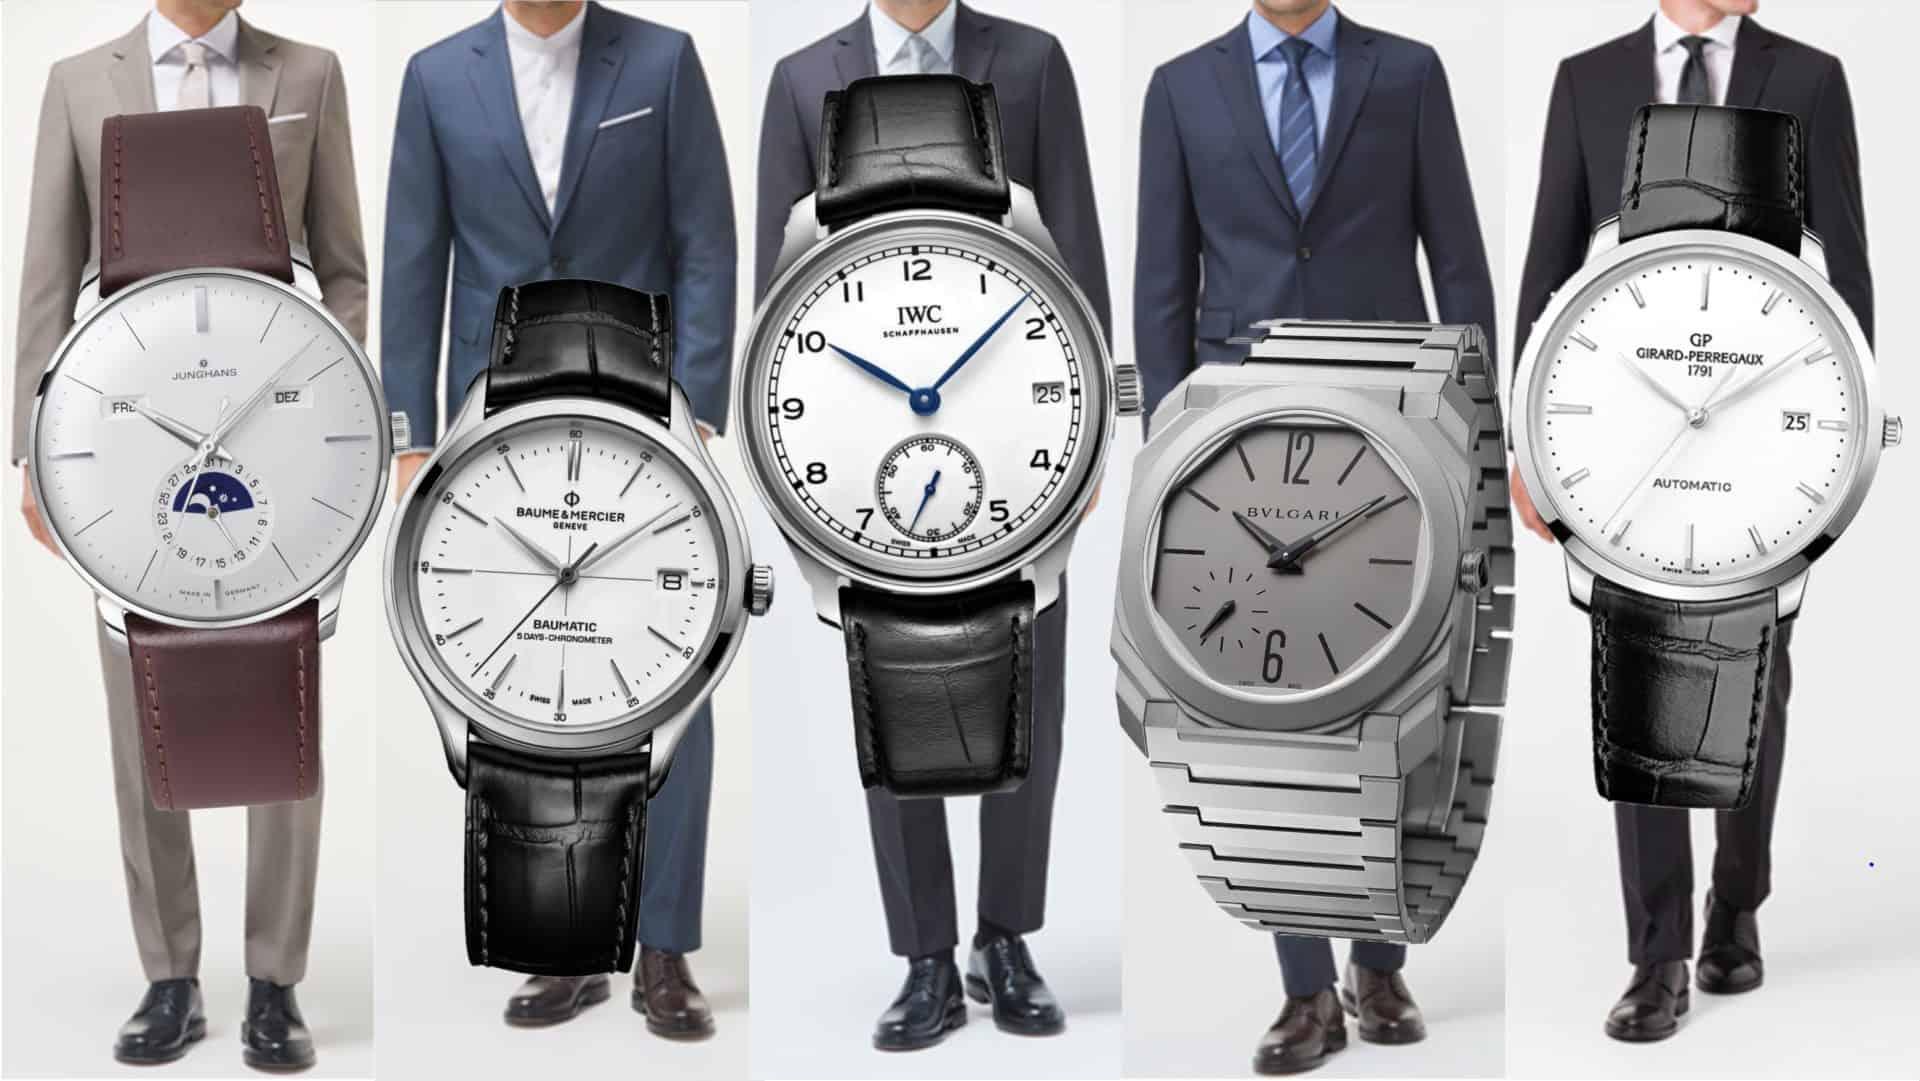 5 Anzug-Uhren für unterschiedliche Budgets